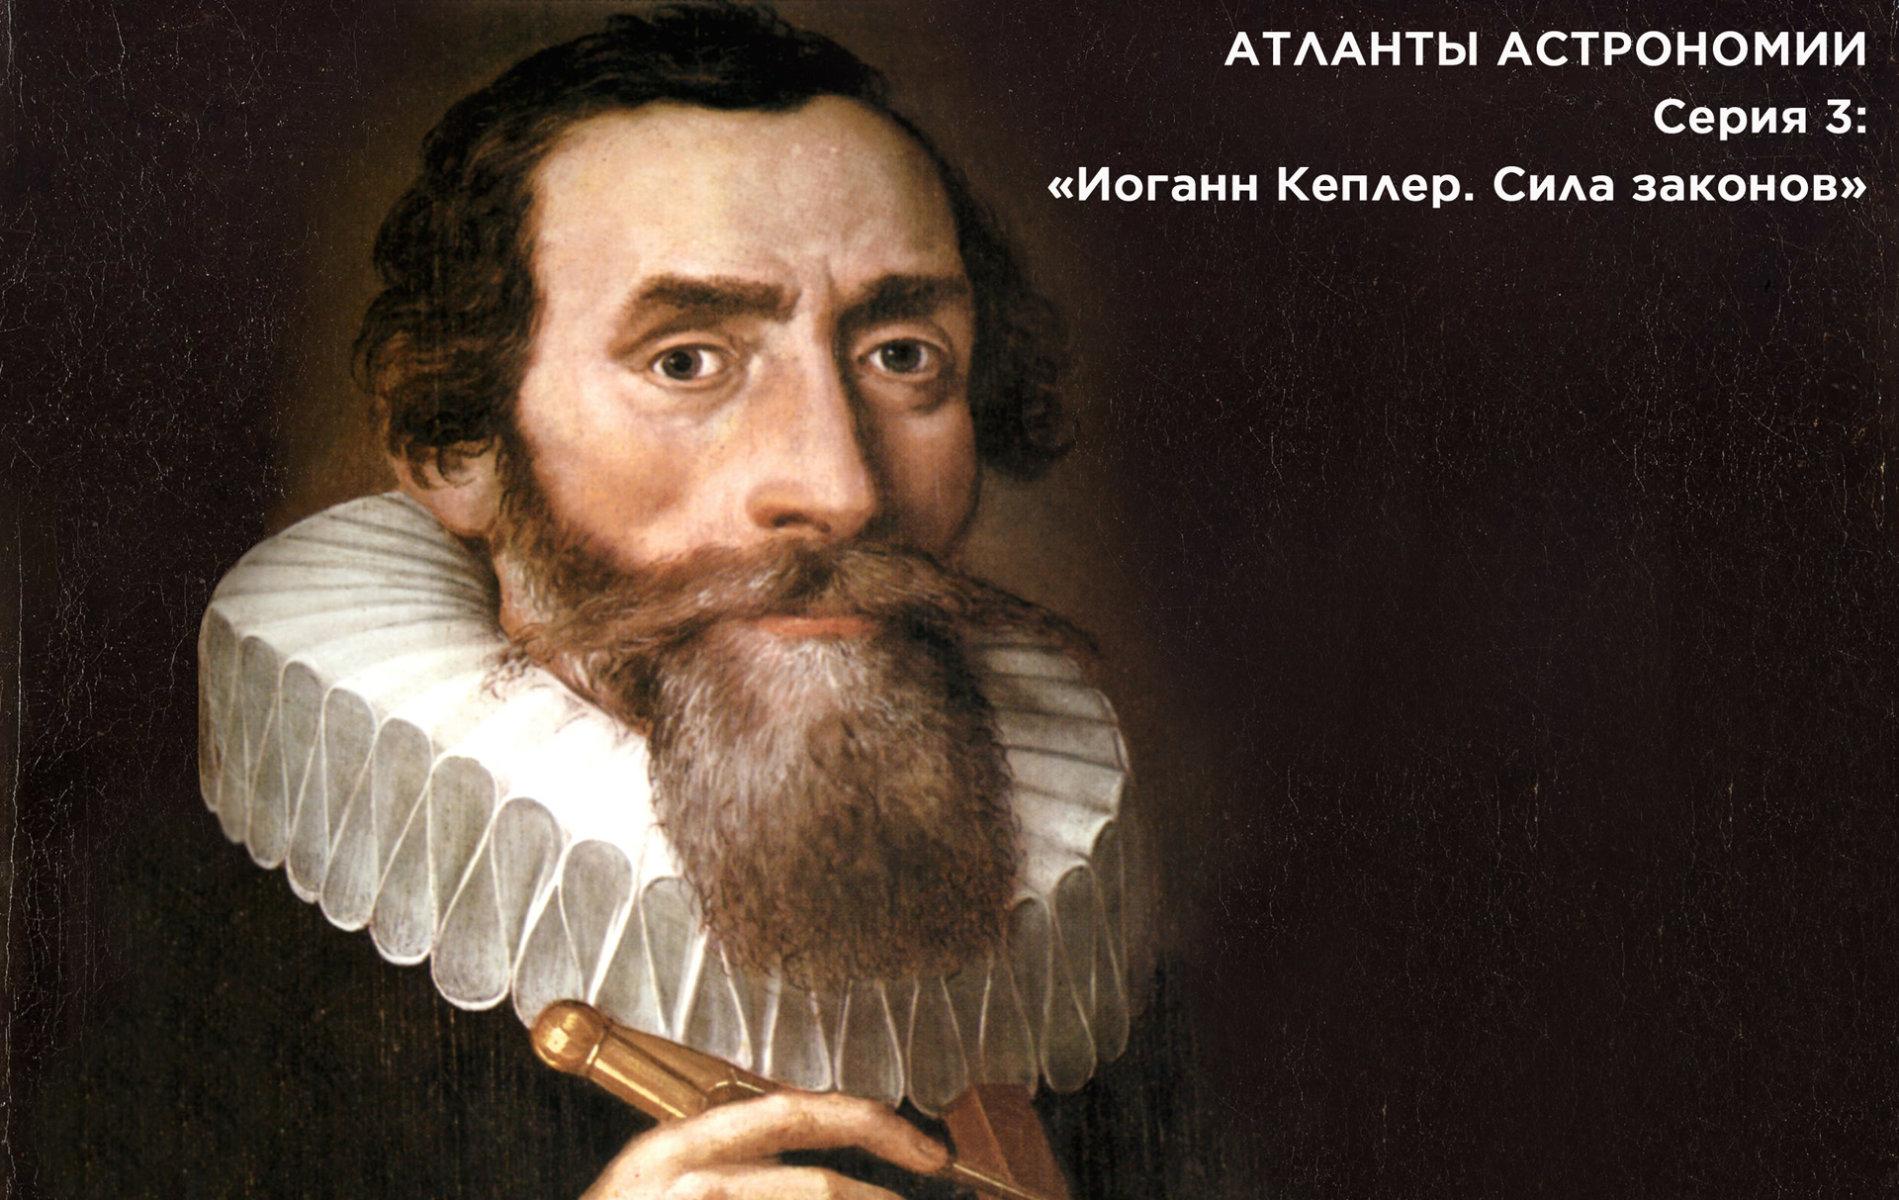 Иоганн-Кеплер